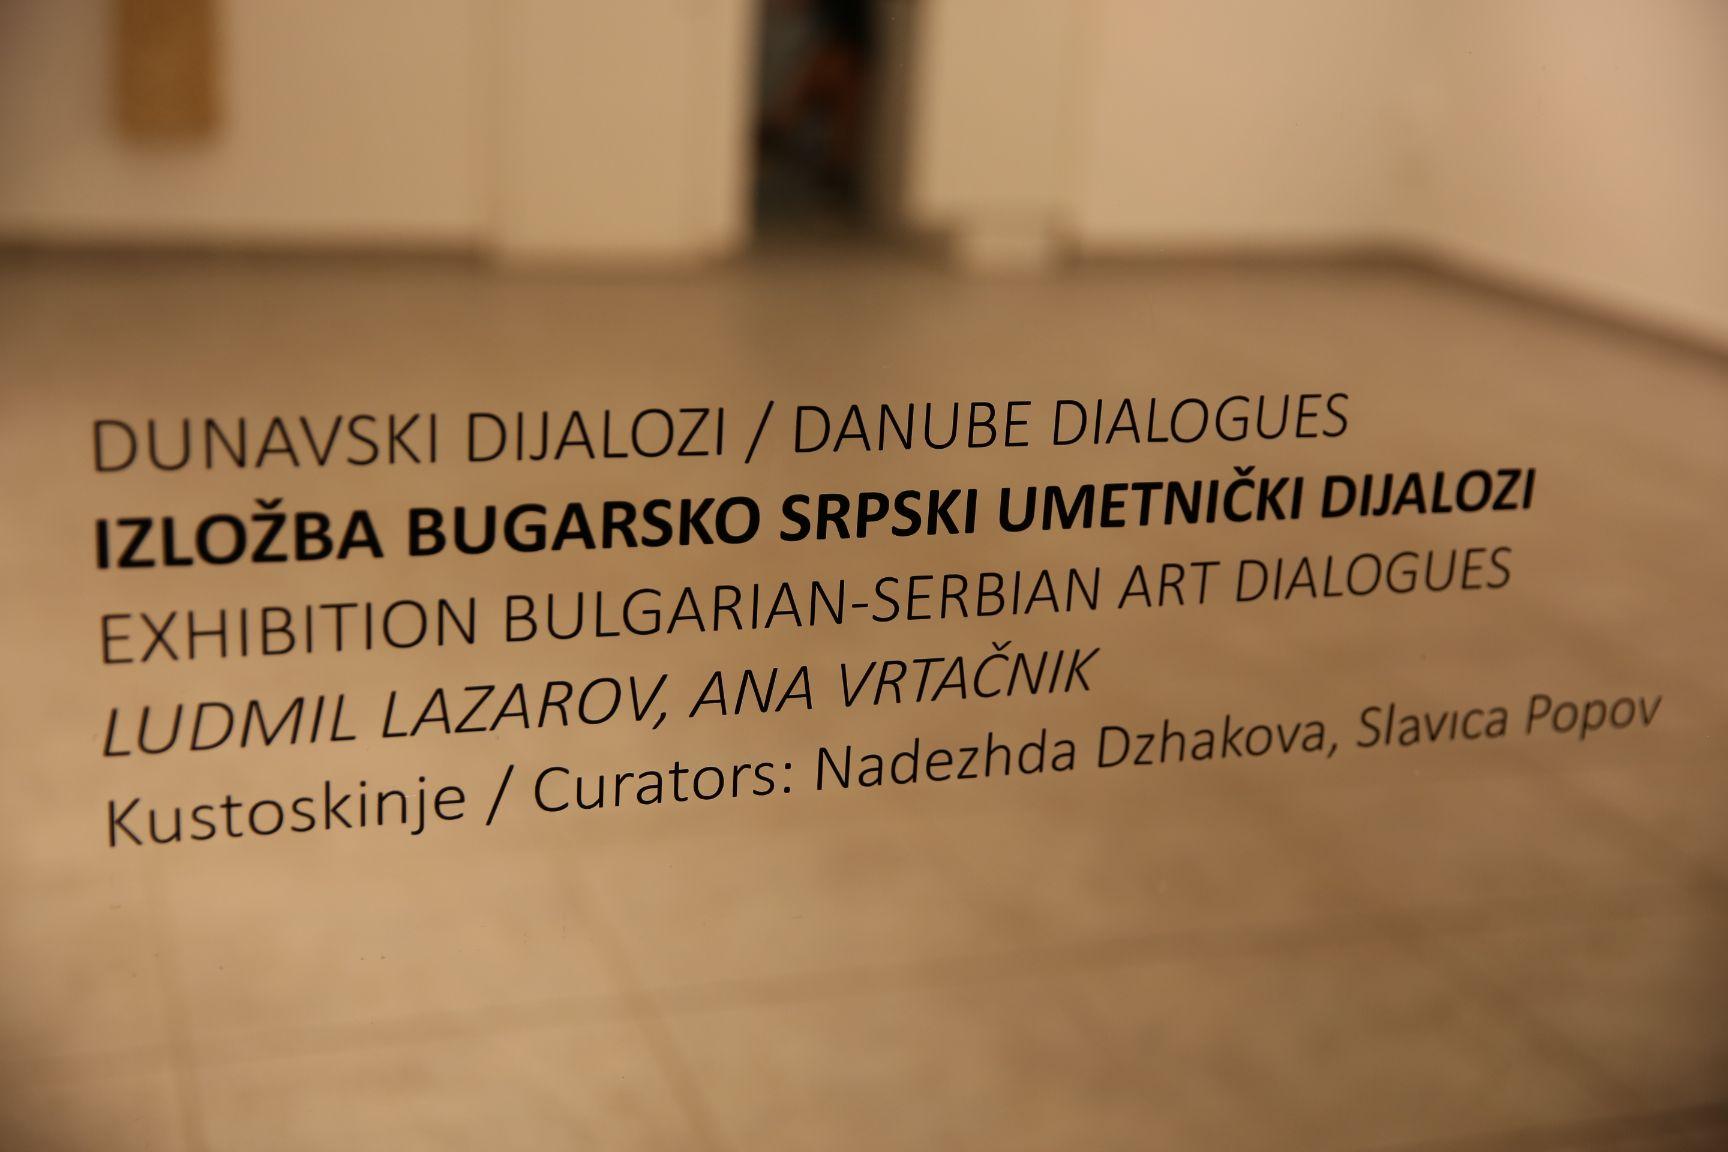 Дунавски дијалози у Културном центру Новог Сада